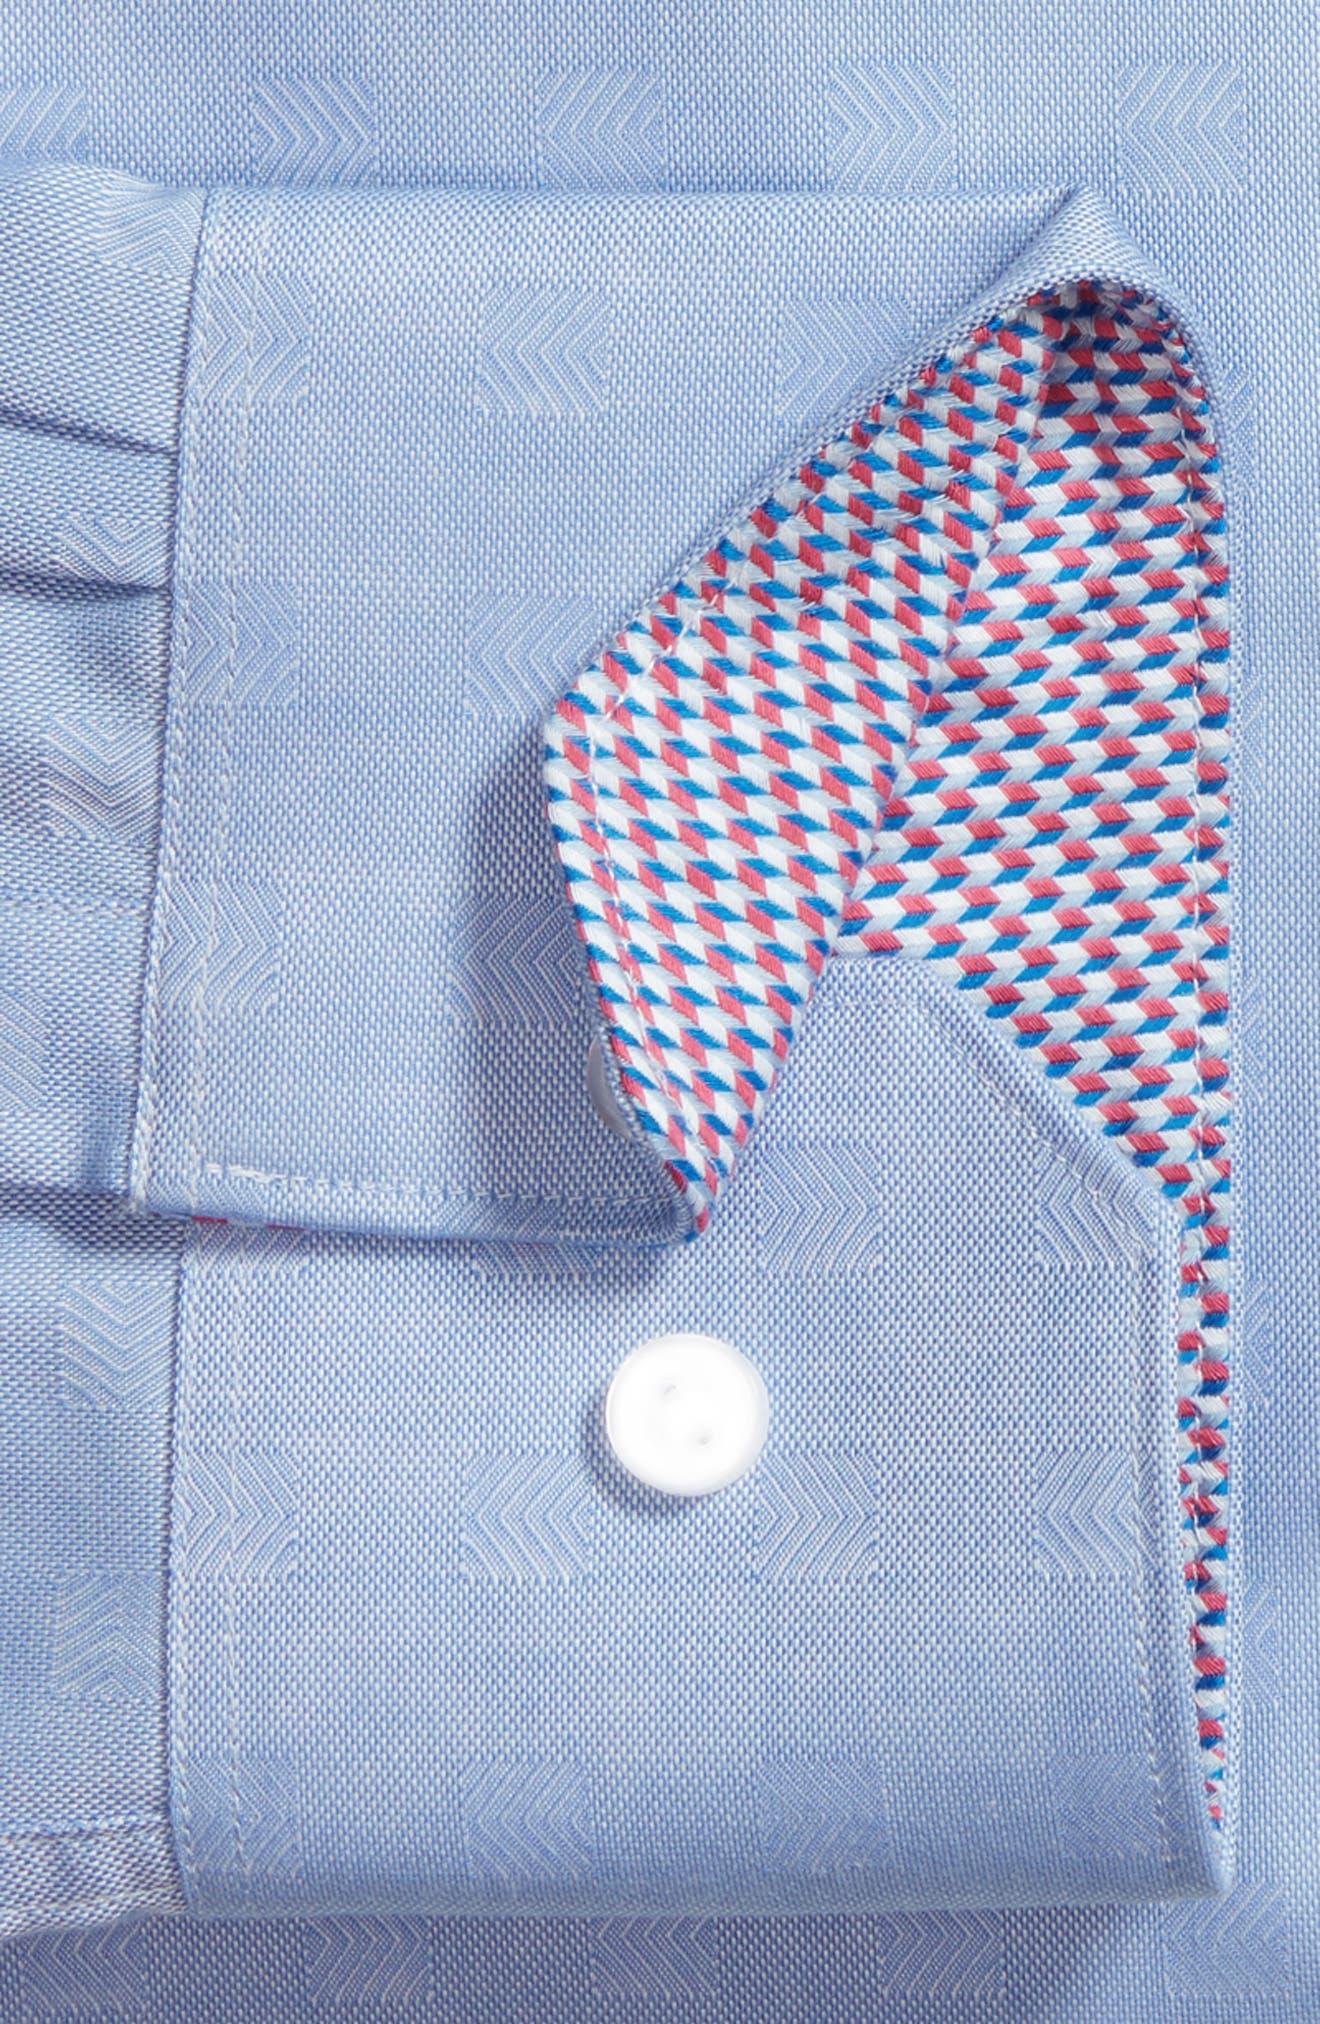 Ashur Trim Fit Solid Dress Shirt,                             Alternate thumbnail 6, color,                             BLUE